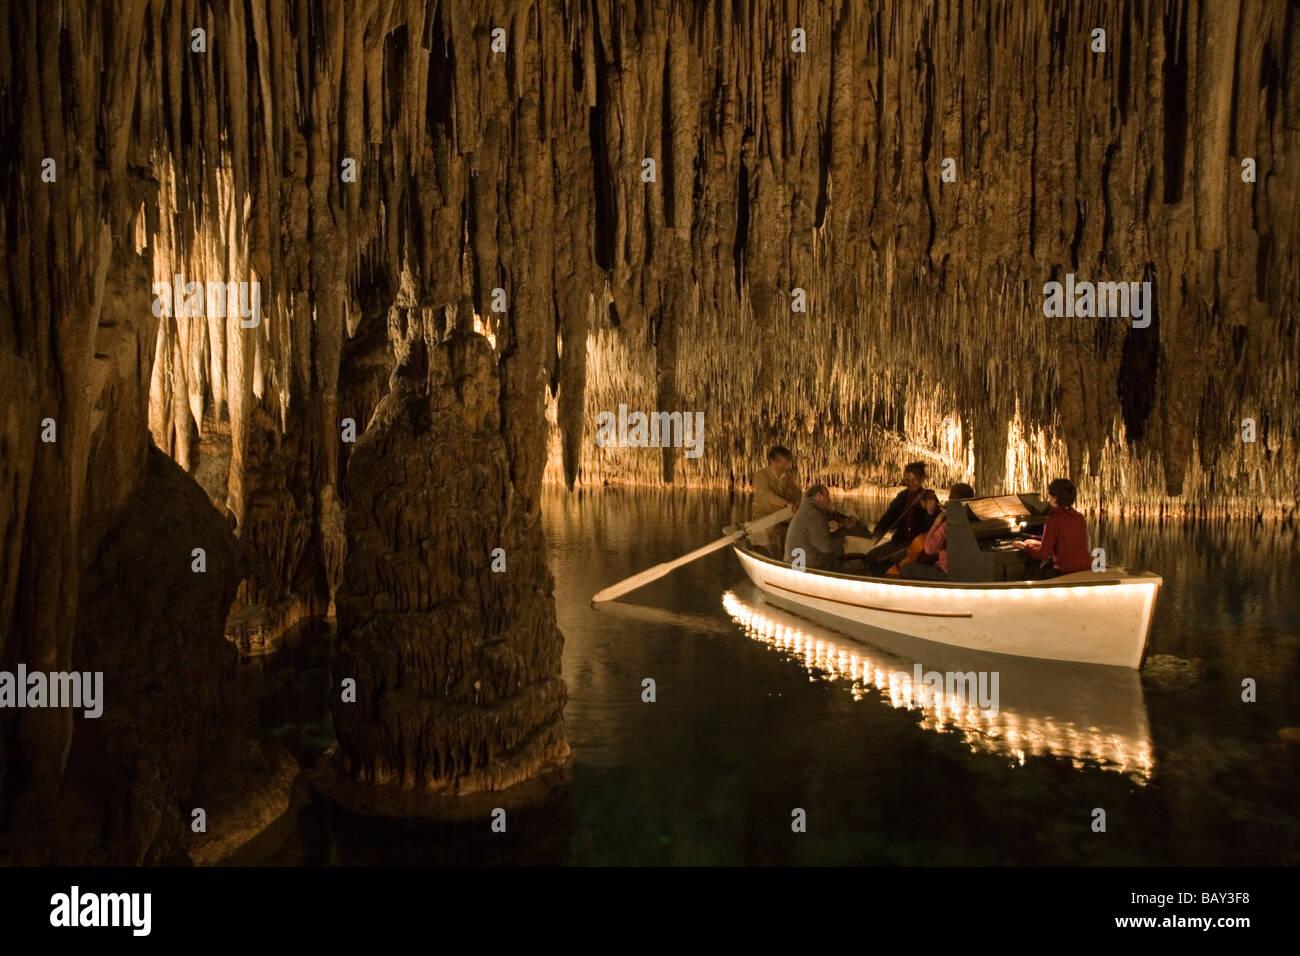 Classical Musicians On Boat Inside Cuevas Del Drach Cave Cavern Of The Dragon Porto Cristo Mallorca Balearic Islands Spain